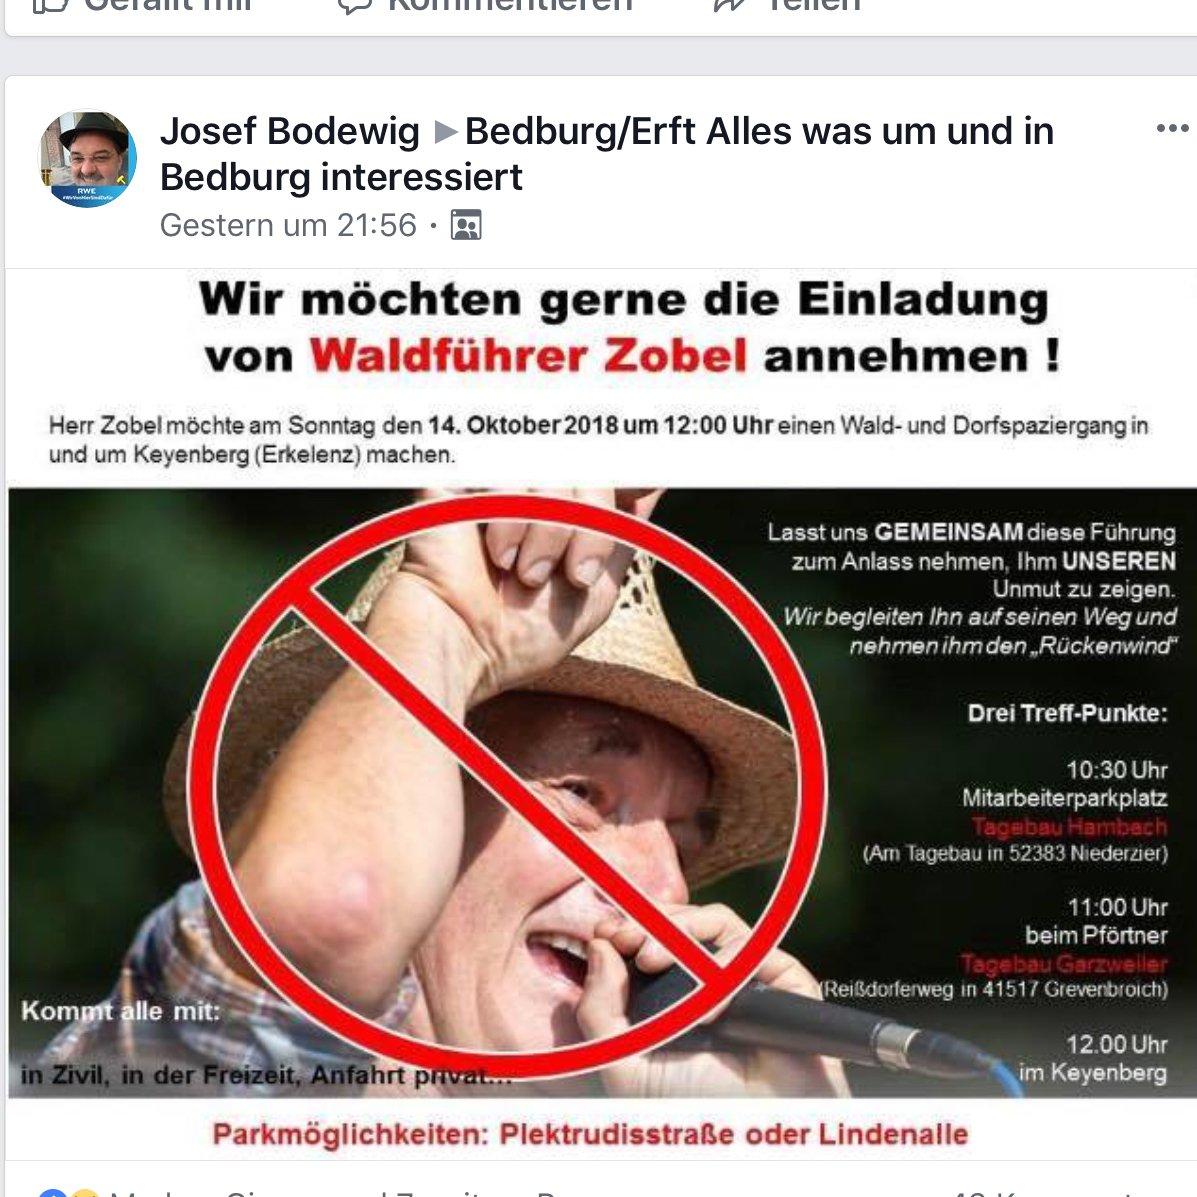 Am 5. Oktober wurden durch gewalttätige Übergriffe der #RWE Security im #HambacherWald mehrere Spaziergänger verletzt. Jetzt rufen RWE-Mitarbeiter dazu auf, den morgigen #waldspaziergang in Keyenberg zu stören. Zwar *in zivil*, aber Treffpunkt *Mitarbeiterparkplatz*